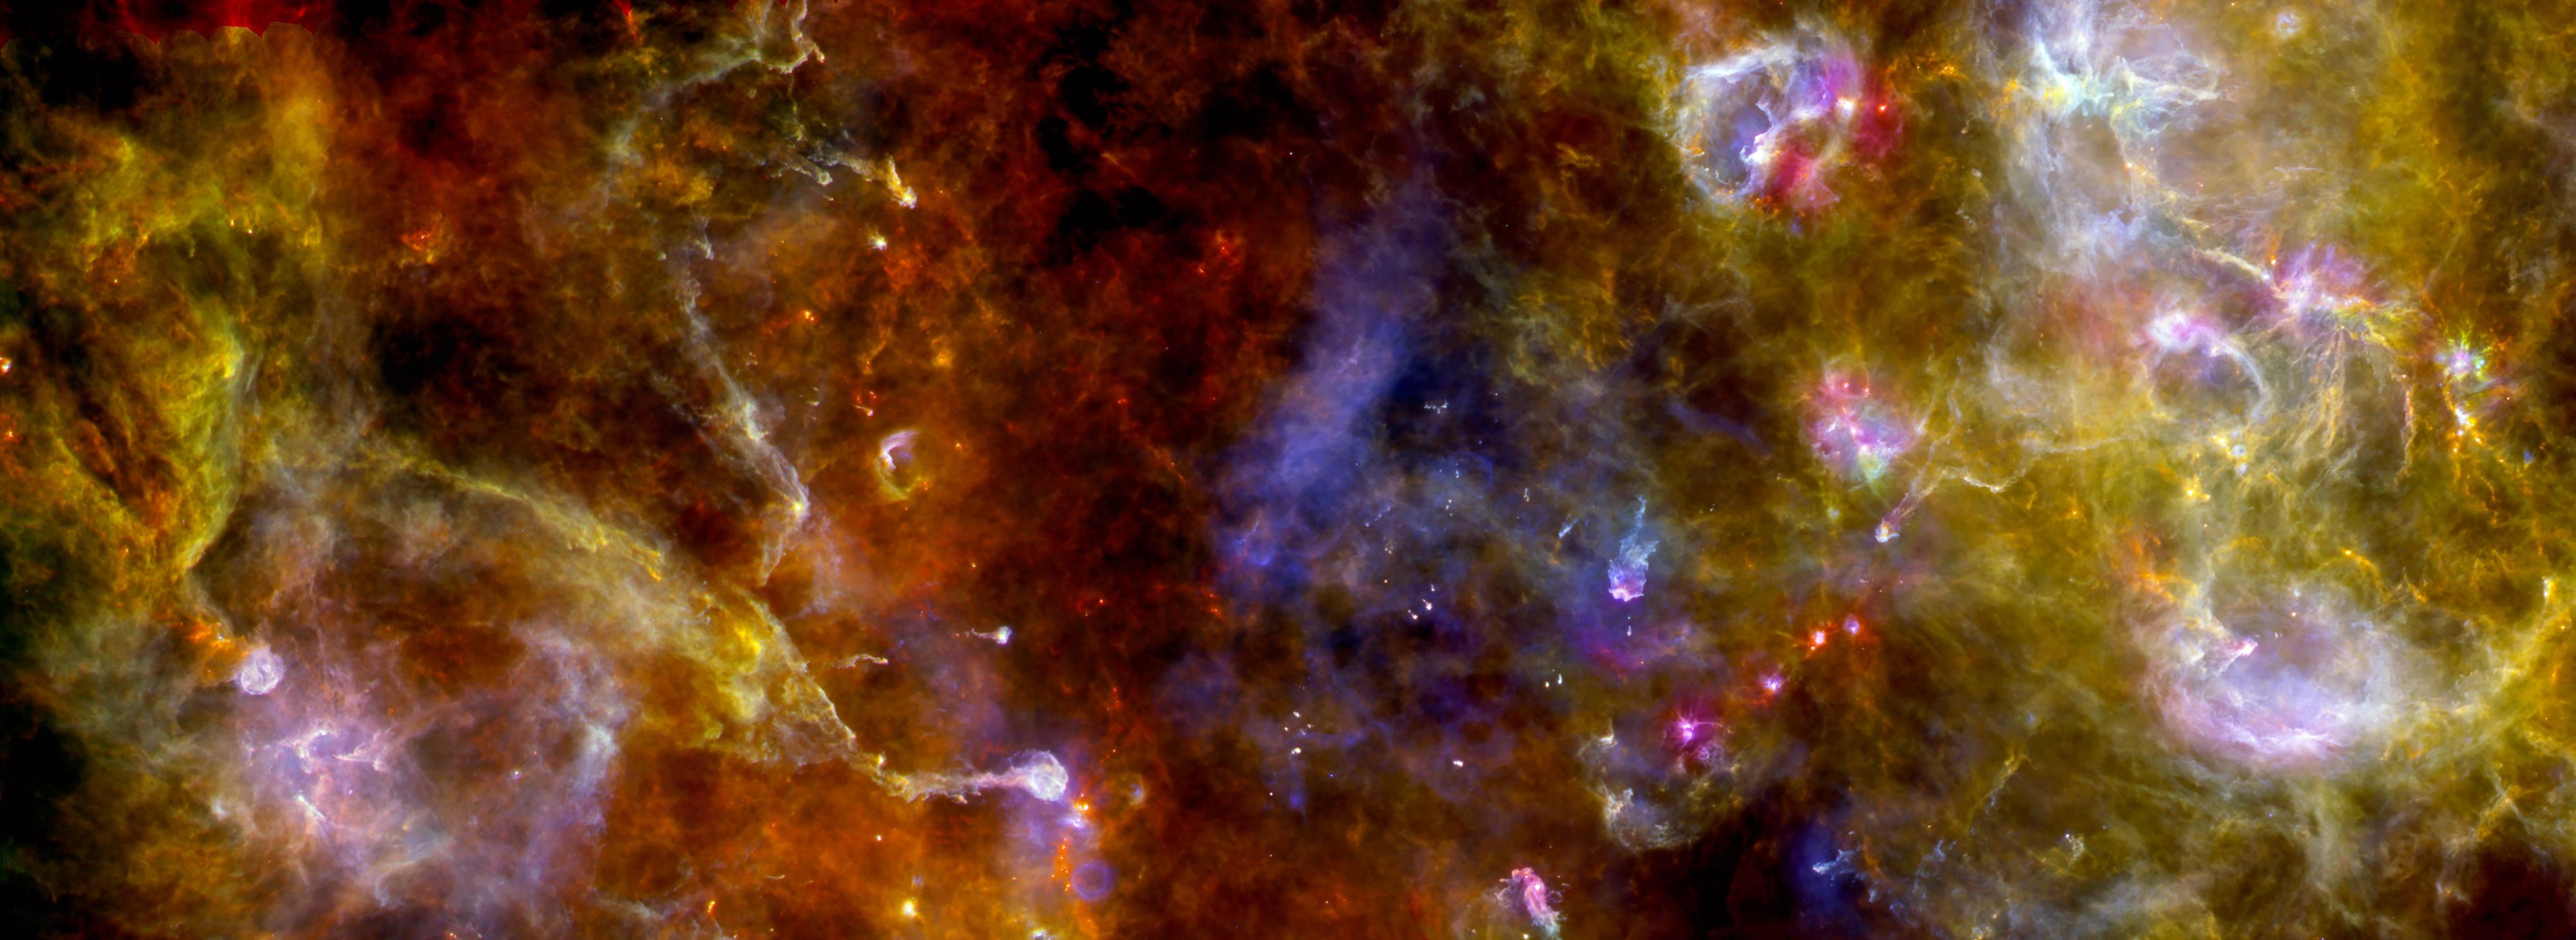 Herschel_Cygnus.jpg